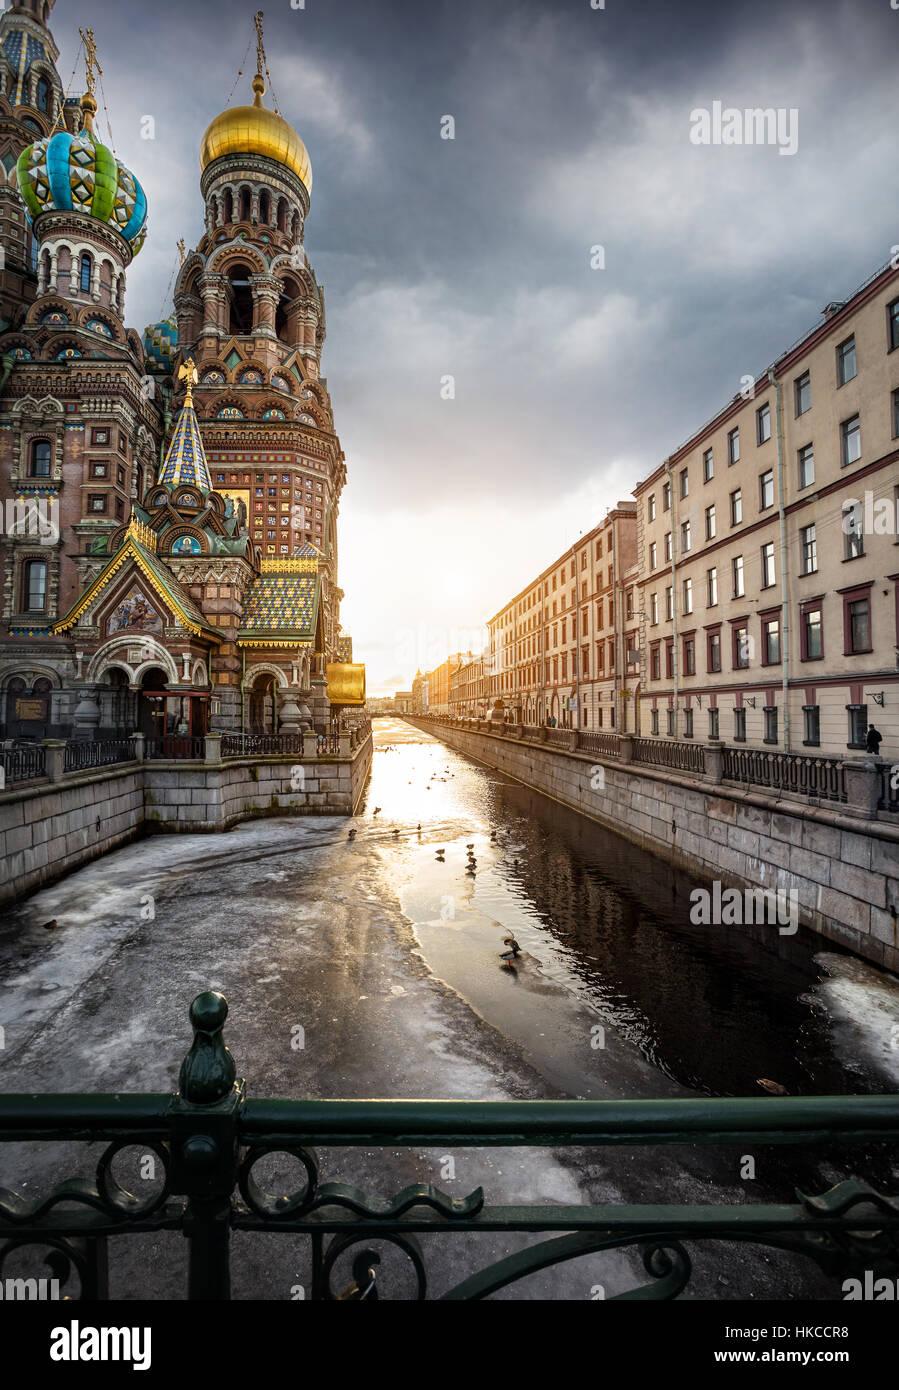 Iglesia de San Salvador sobre la sangre derramada en Griboedov río y sunset sky en Petersburg, Rusia Imagen De Stock